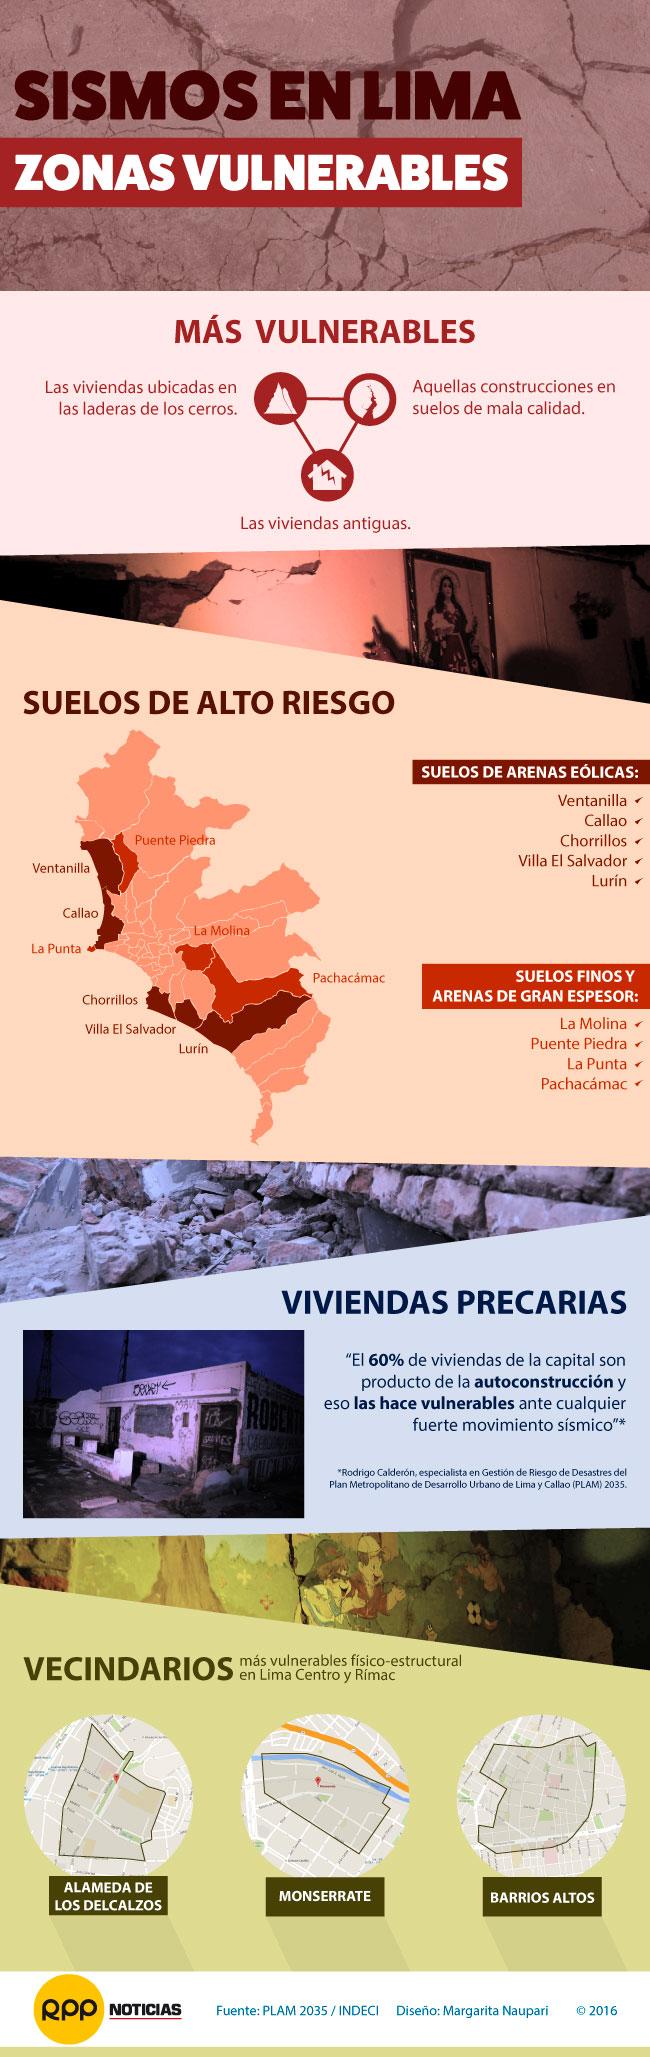 Estas serían las zonas más afectadas ante un movimiento sísmico en Lima